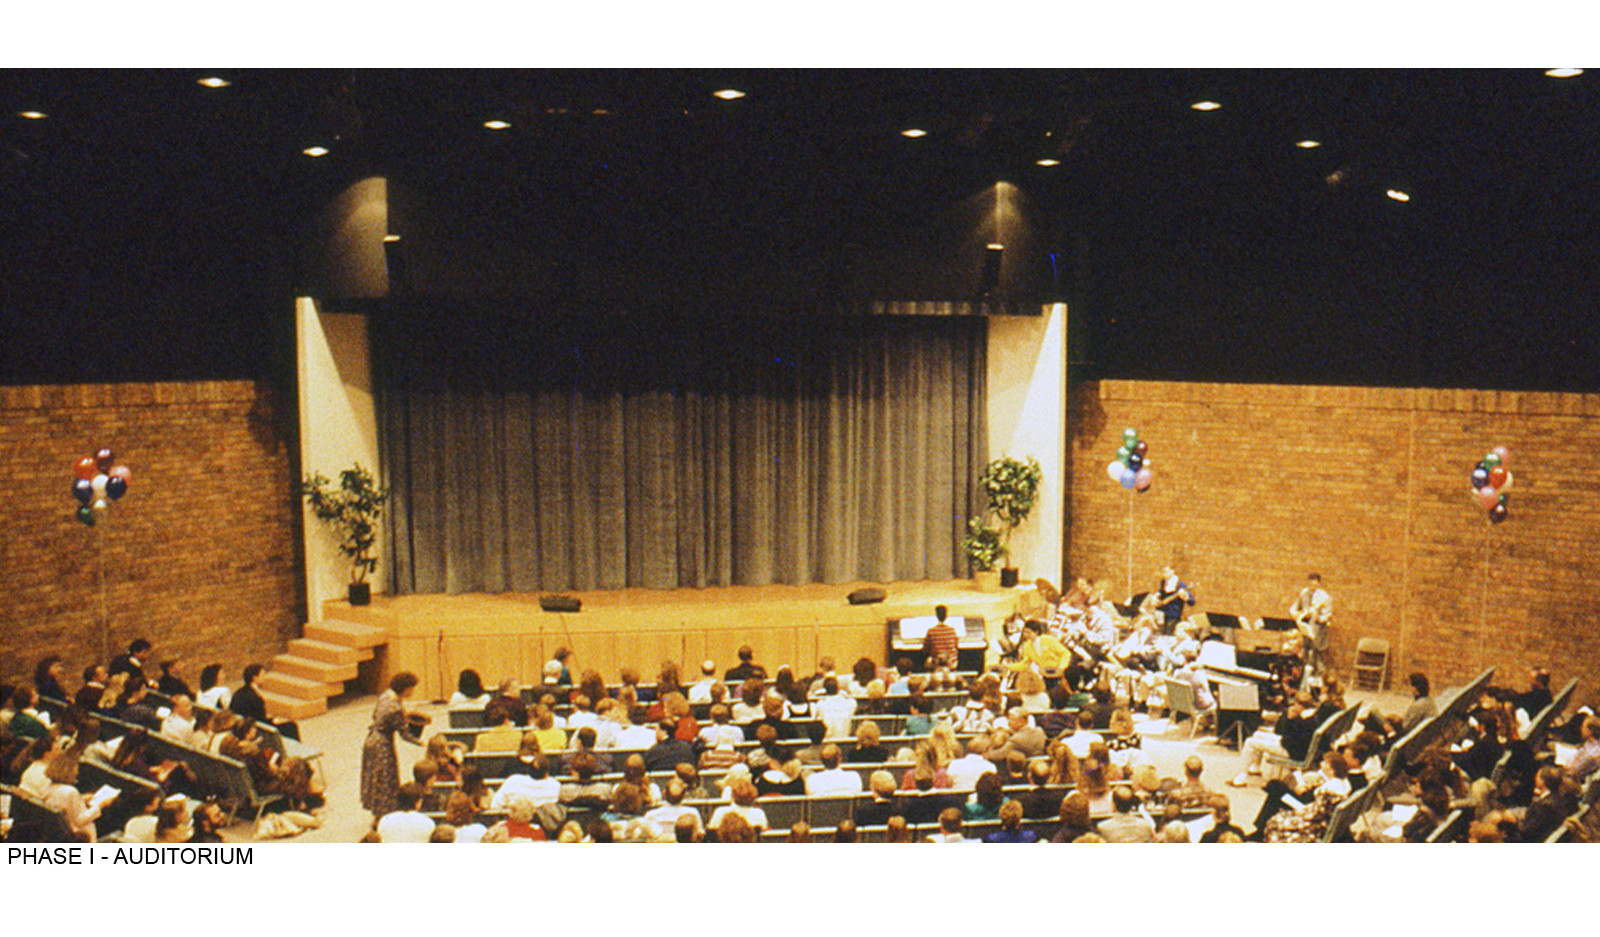 Phase I Auditorium